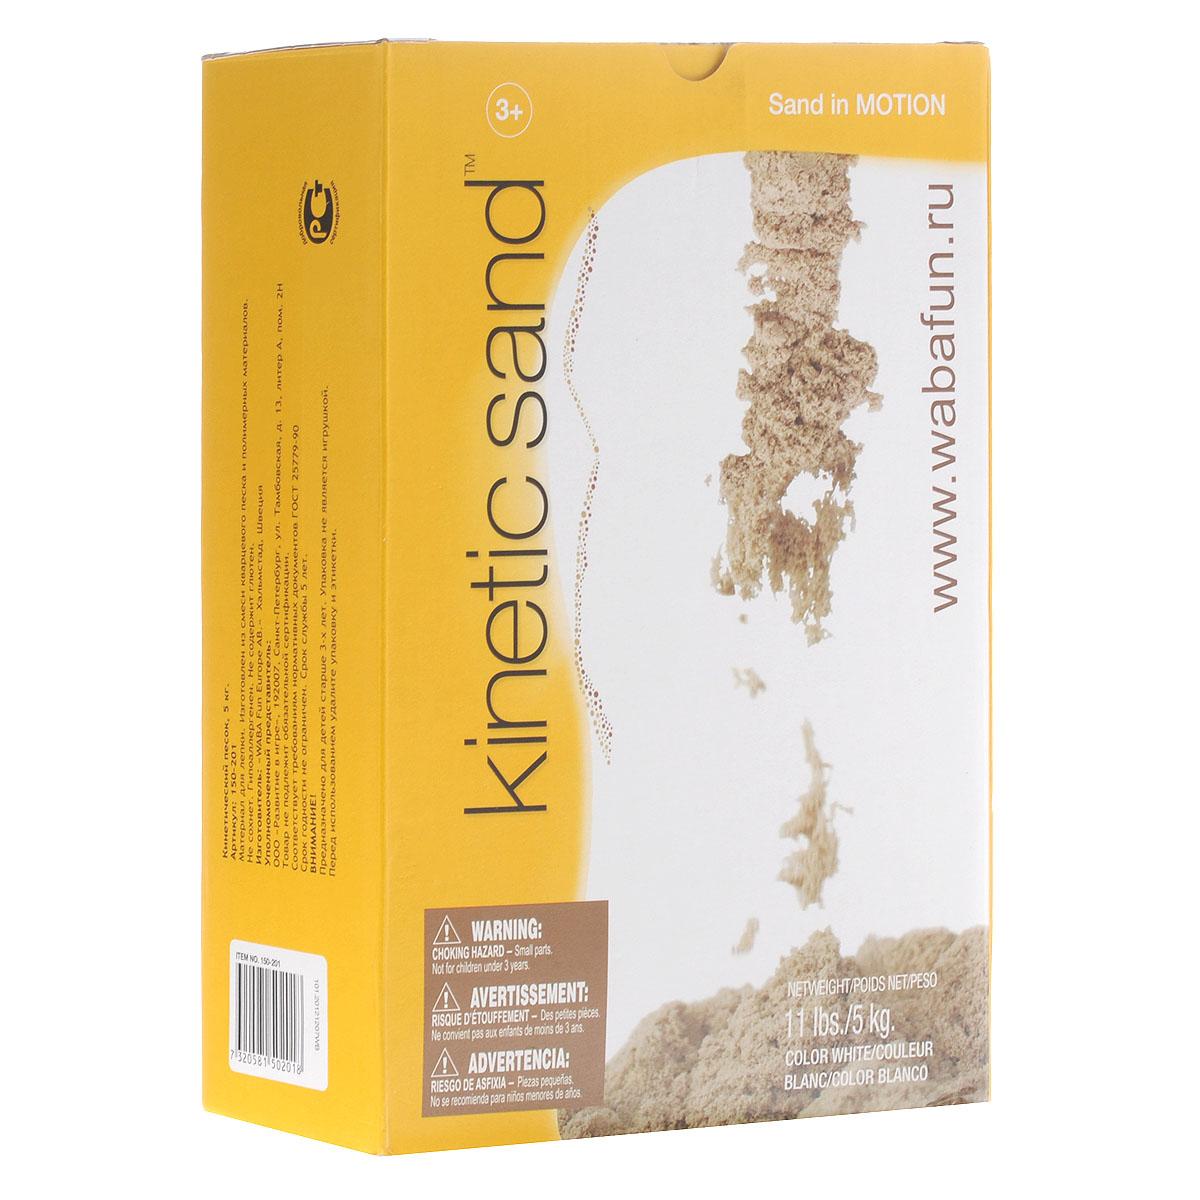 Кинетический песок Waba Fun Kinetic Sand, 5 кг150-201Кинетический песок Waba Fun Kinetic Sand - уникальный материал для детского творчества. На первый взгляд напоминает влажный морской песок, но когда берешь его в руки - проявляются его необычные свойства. Он течет сквозь пальцы и в тоже время остается сухим. Он рыхлый, но из него можно строить разнообразные фигуры. Он приятный на ощупь, не оставляет следов на руках и может использоваться как расслабляющее и терапевтическое средство. Kinetic Sand представляет собой смесь чистейшего кварцевого песка (98%) и специального связующего агента (2%). Абсолютно гипоаллергенен, не вызывает аллергии, бактерии в нем не живут, поэтому он безопасен для детей с трех лет. Важным преимуществом является то, что Kinetic Sand не сохнет, легко собирается с поверхности и играть с ним можно снова и снова. Для игры с Kinetic Sand не требуются инструкции и руководства. С ним интересно играть как одному ребенку, так и нескольким одновременно. Развивает мелкую моторику, чувственное восприятие и...